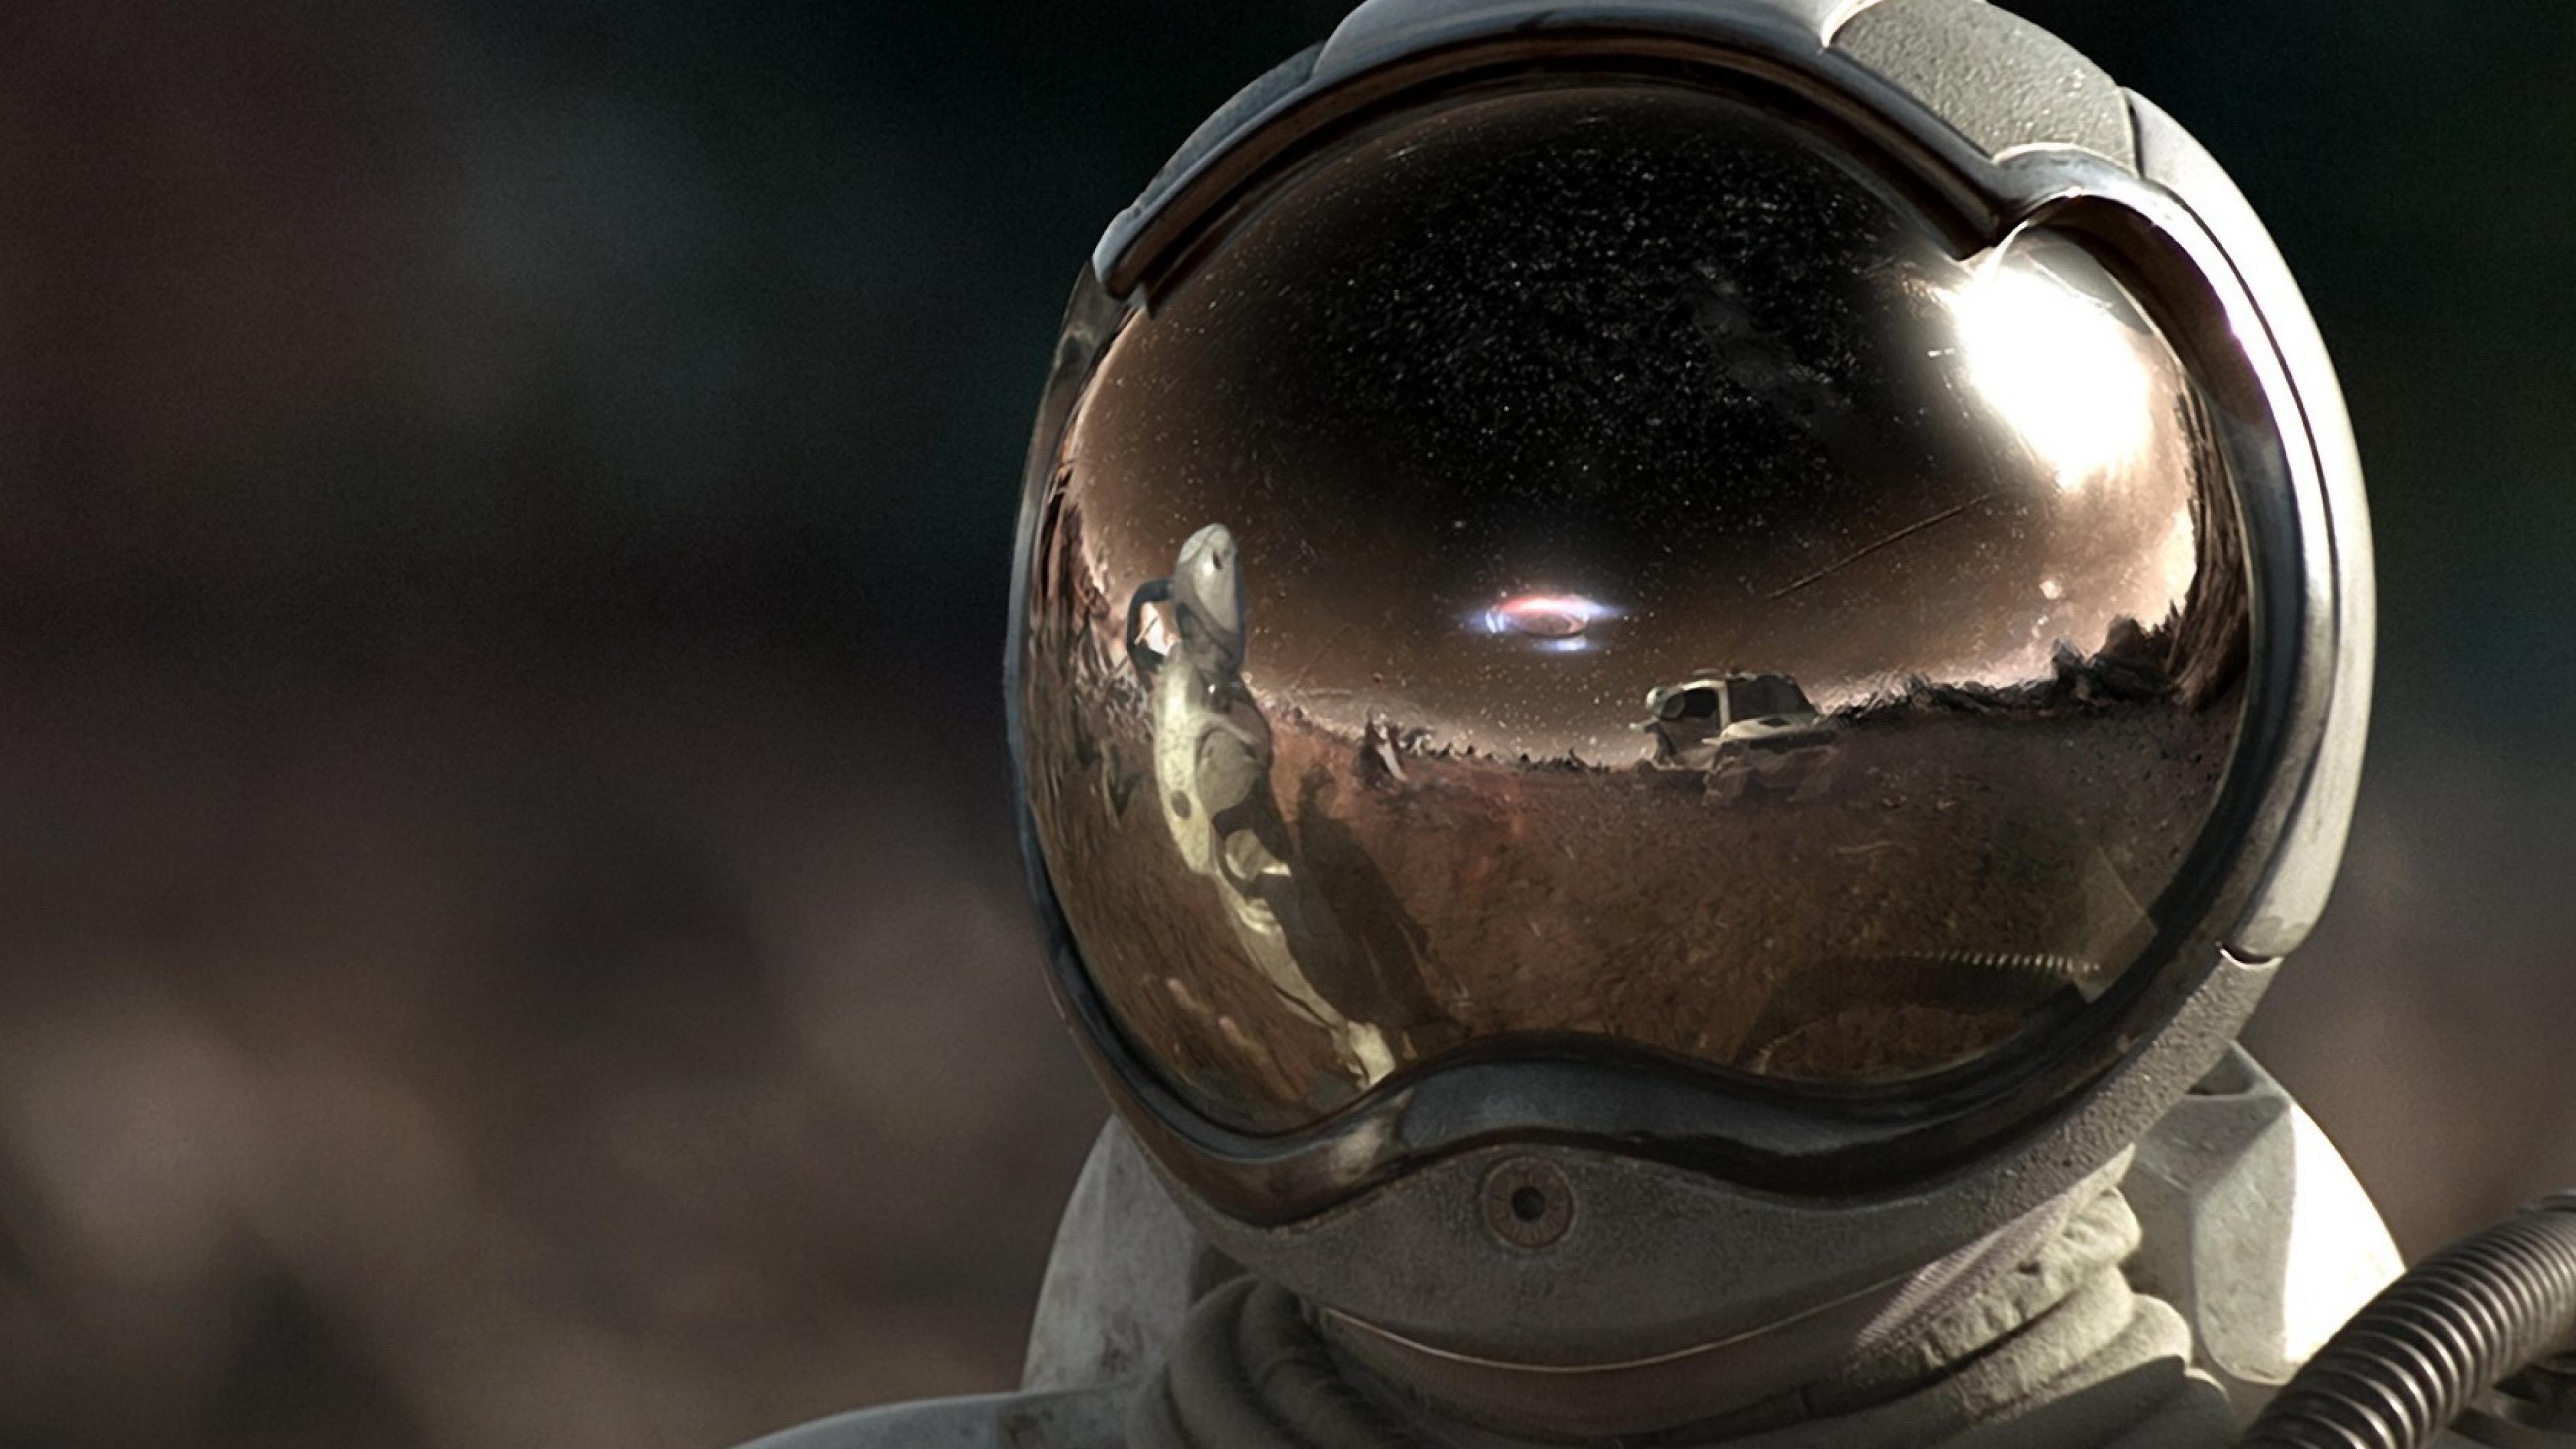 Astronaut in space helmet  wallpaper